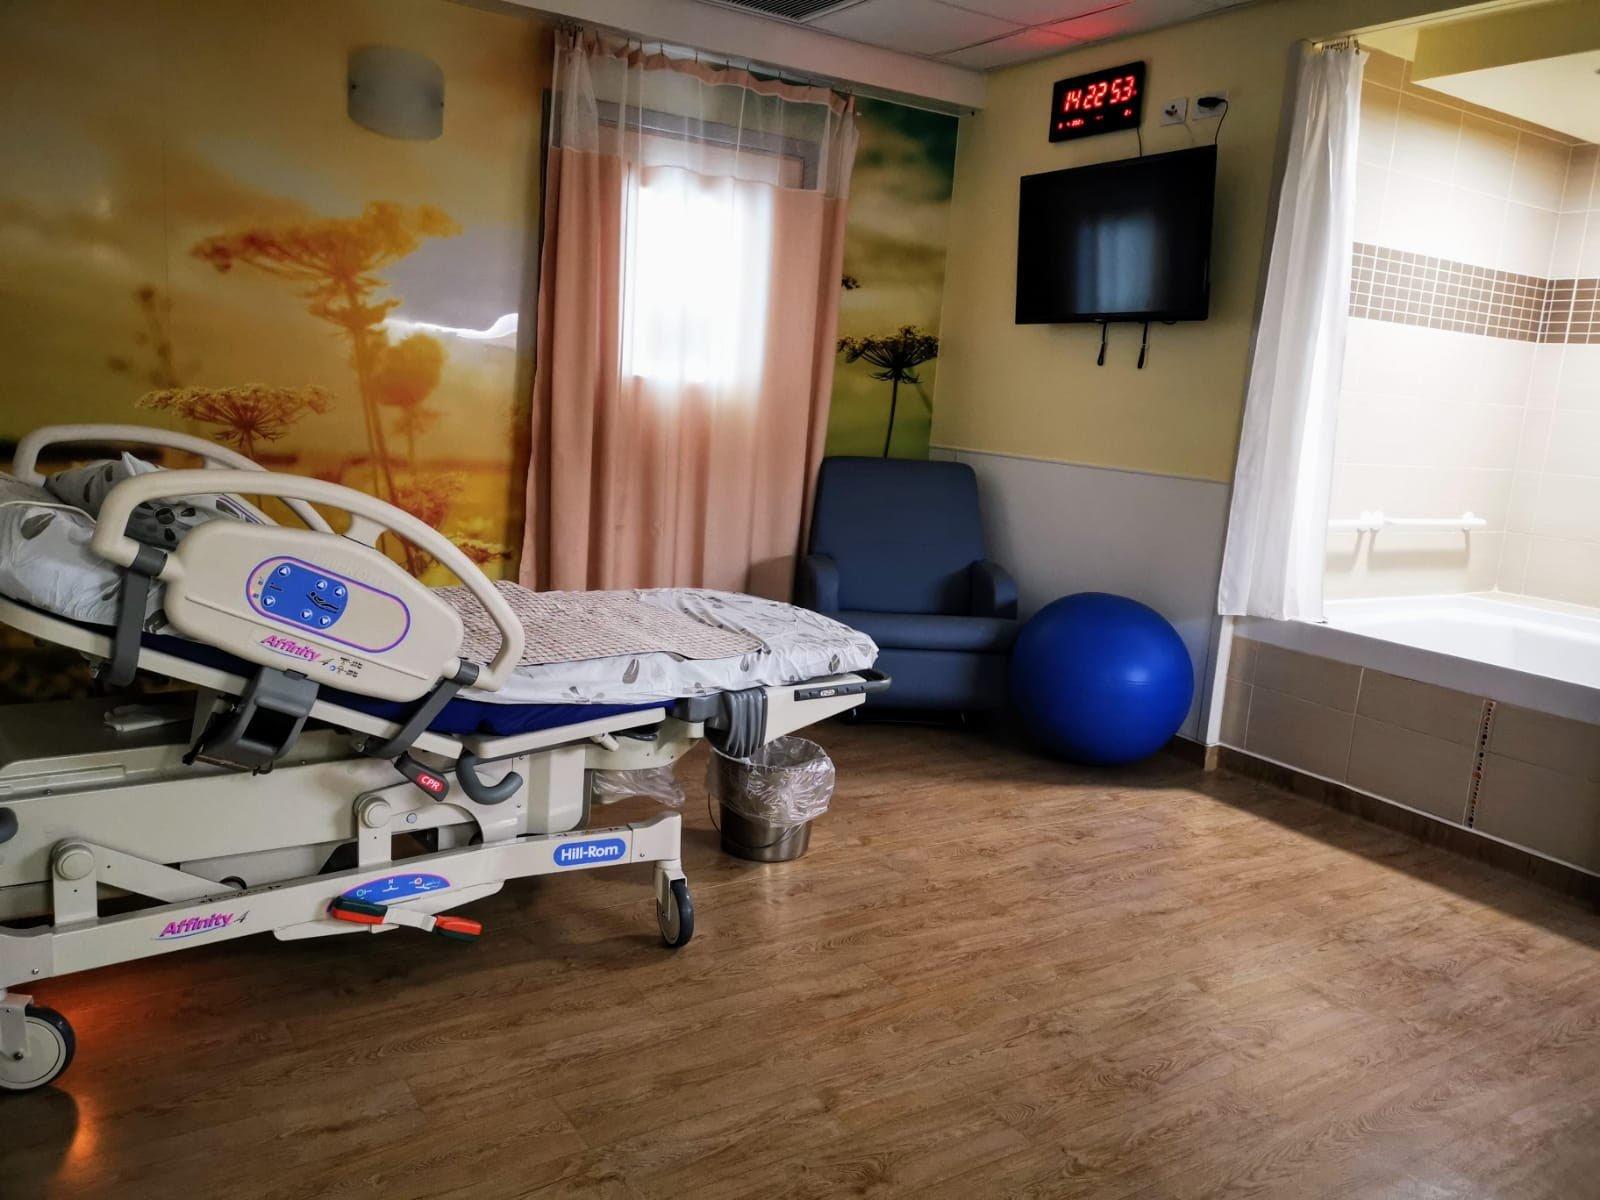 د. نردين سالم - خطيب أخصائية طب النساء والتوليد في مستشفى بوريا بلقاء خاص